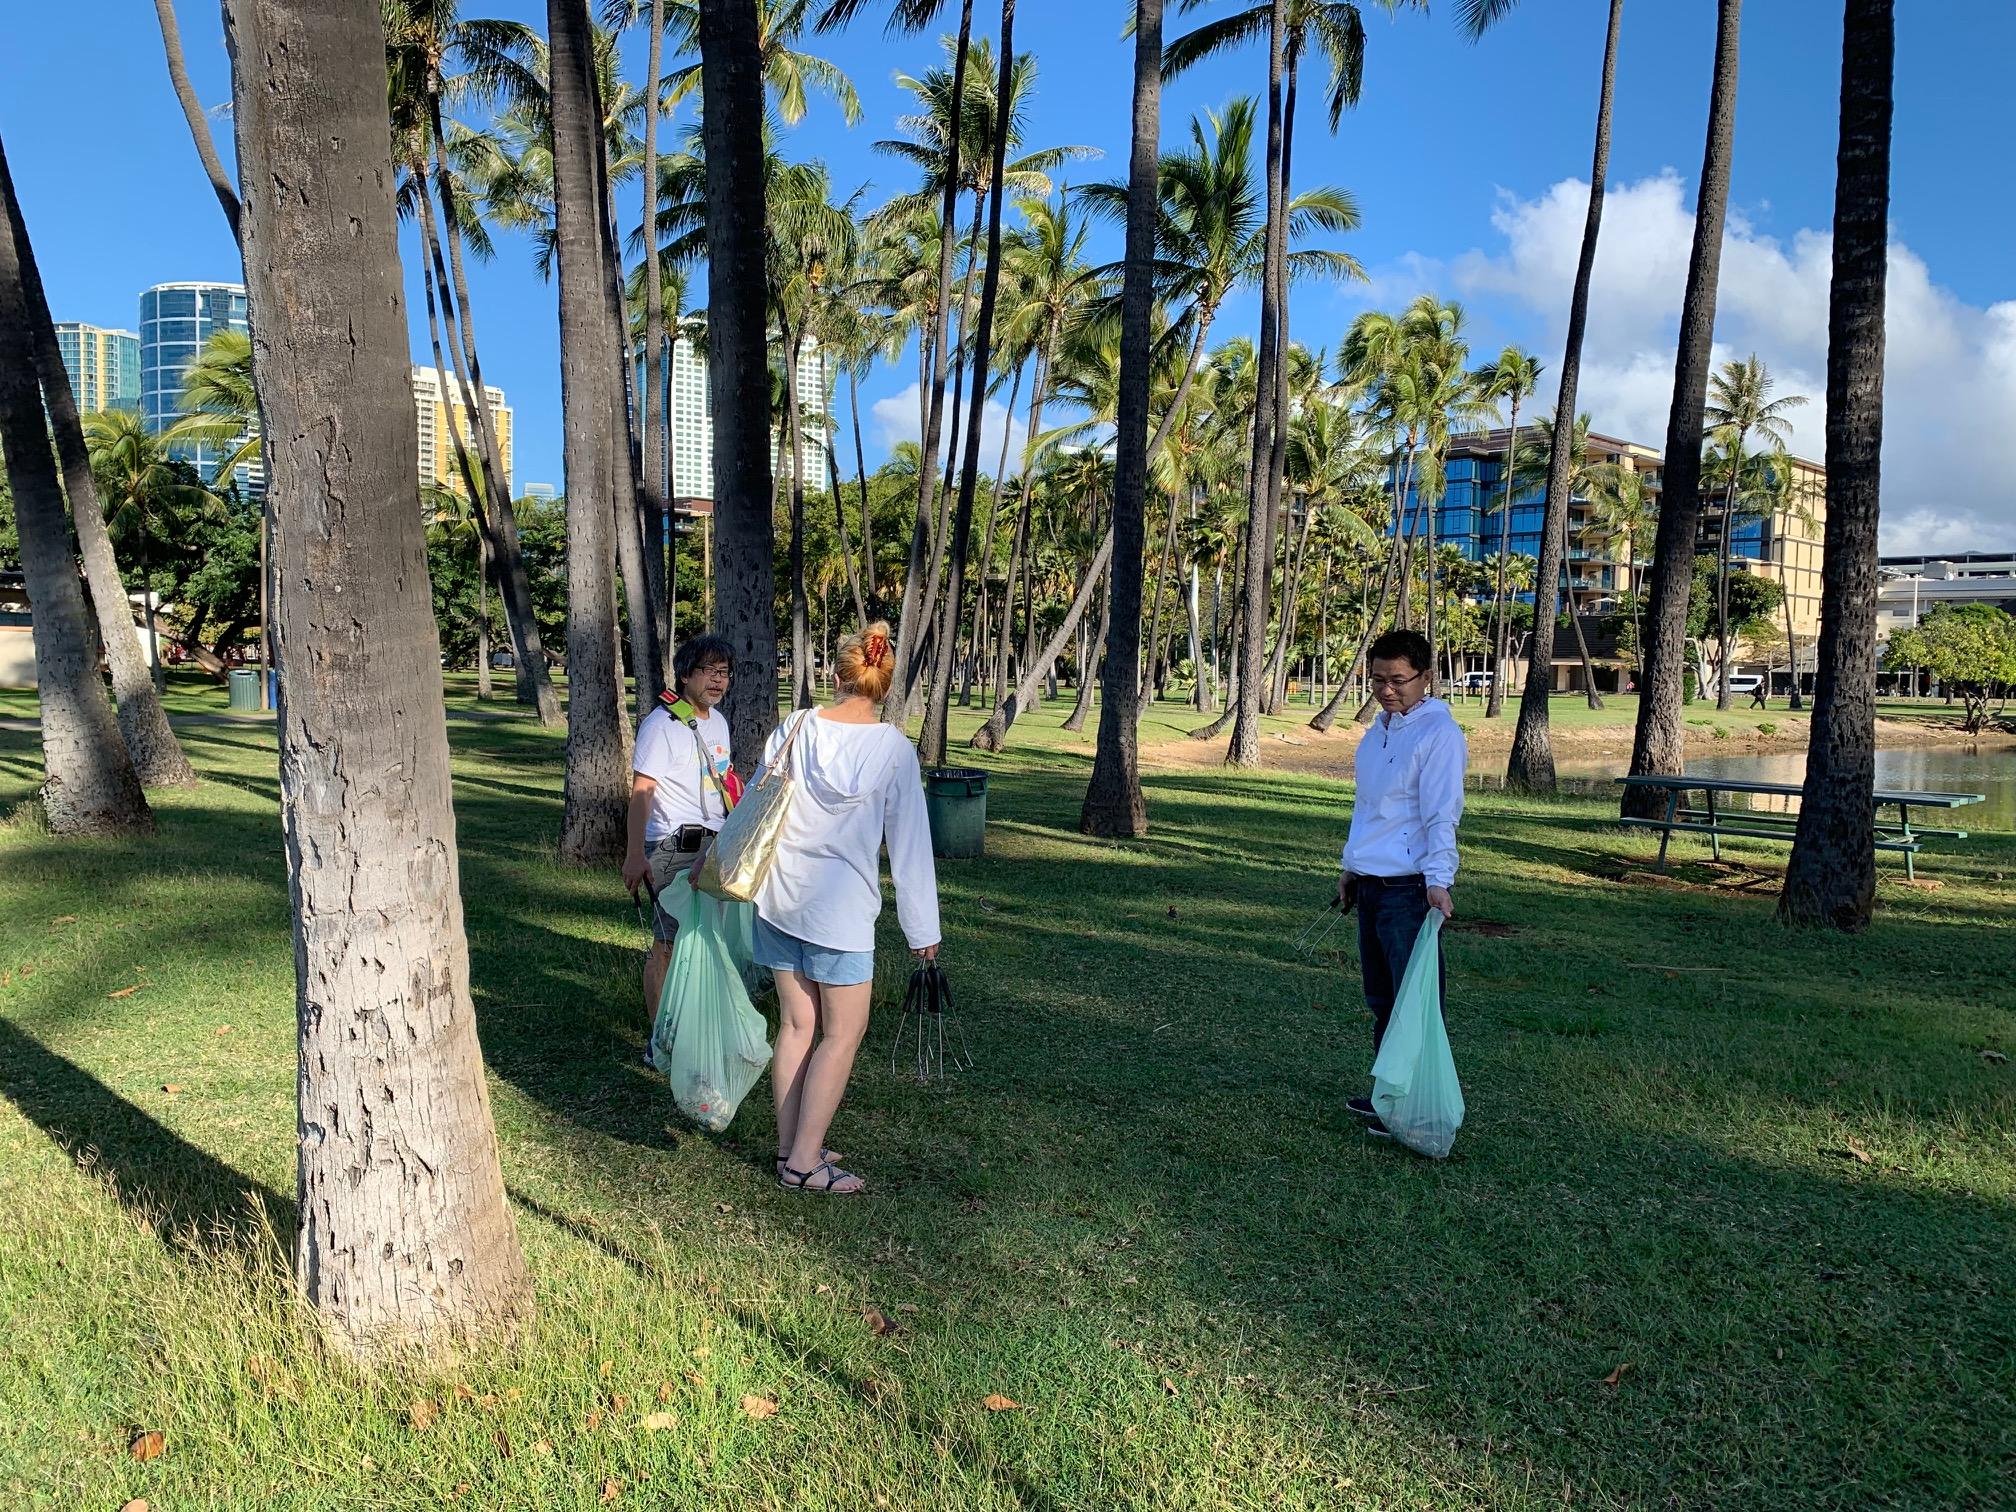 【報告】アラモアナビーチのクリーンアップを行いました